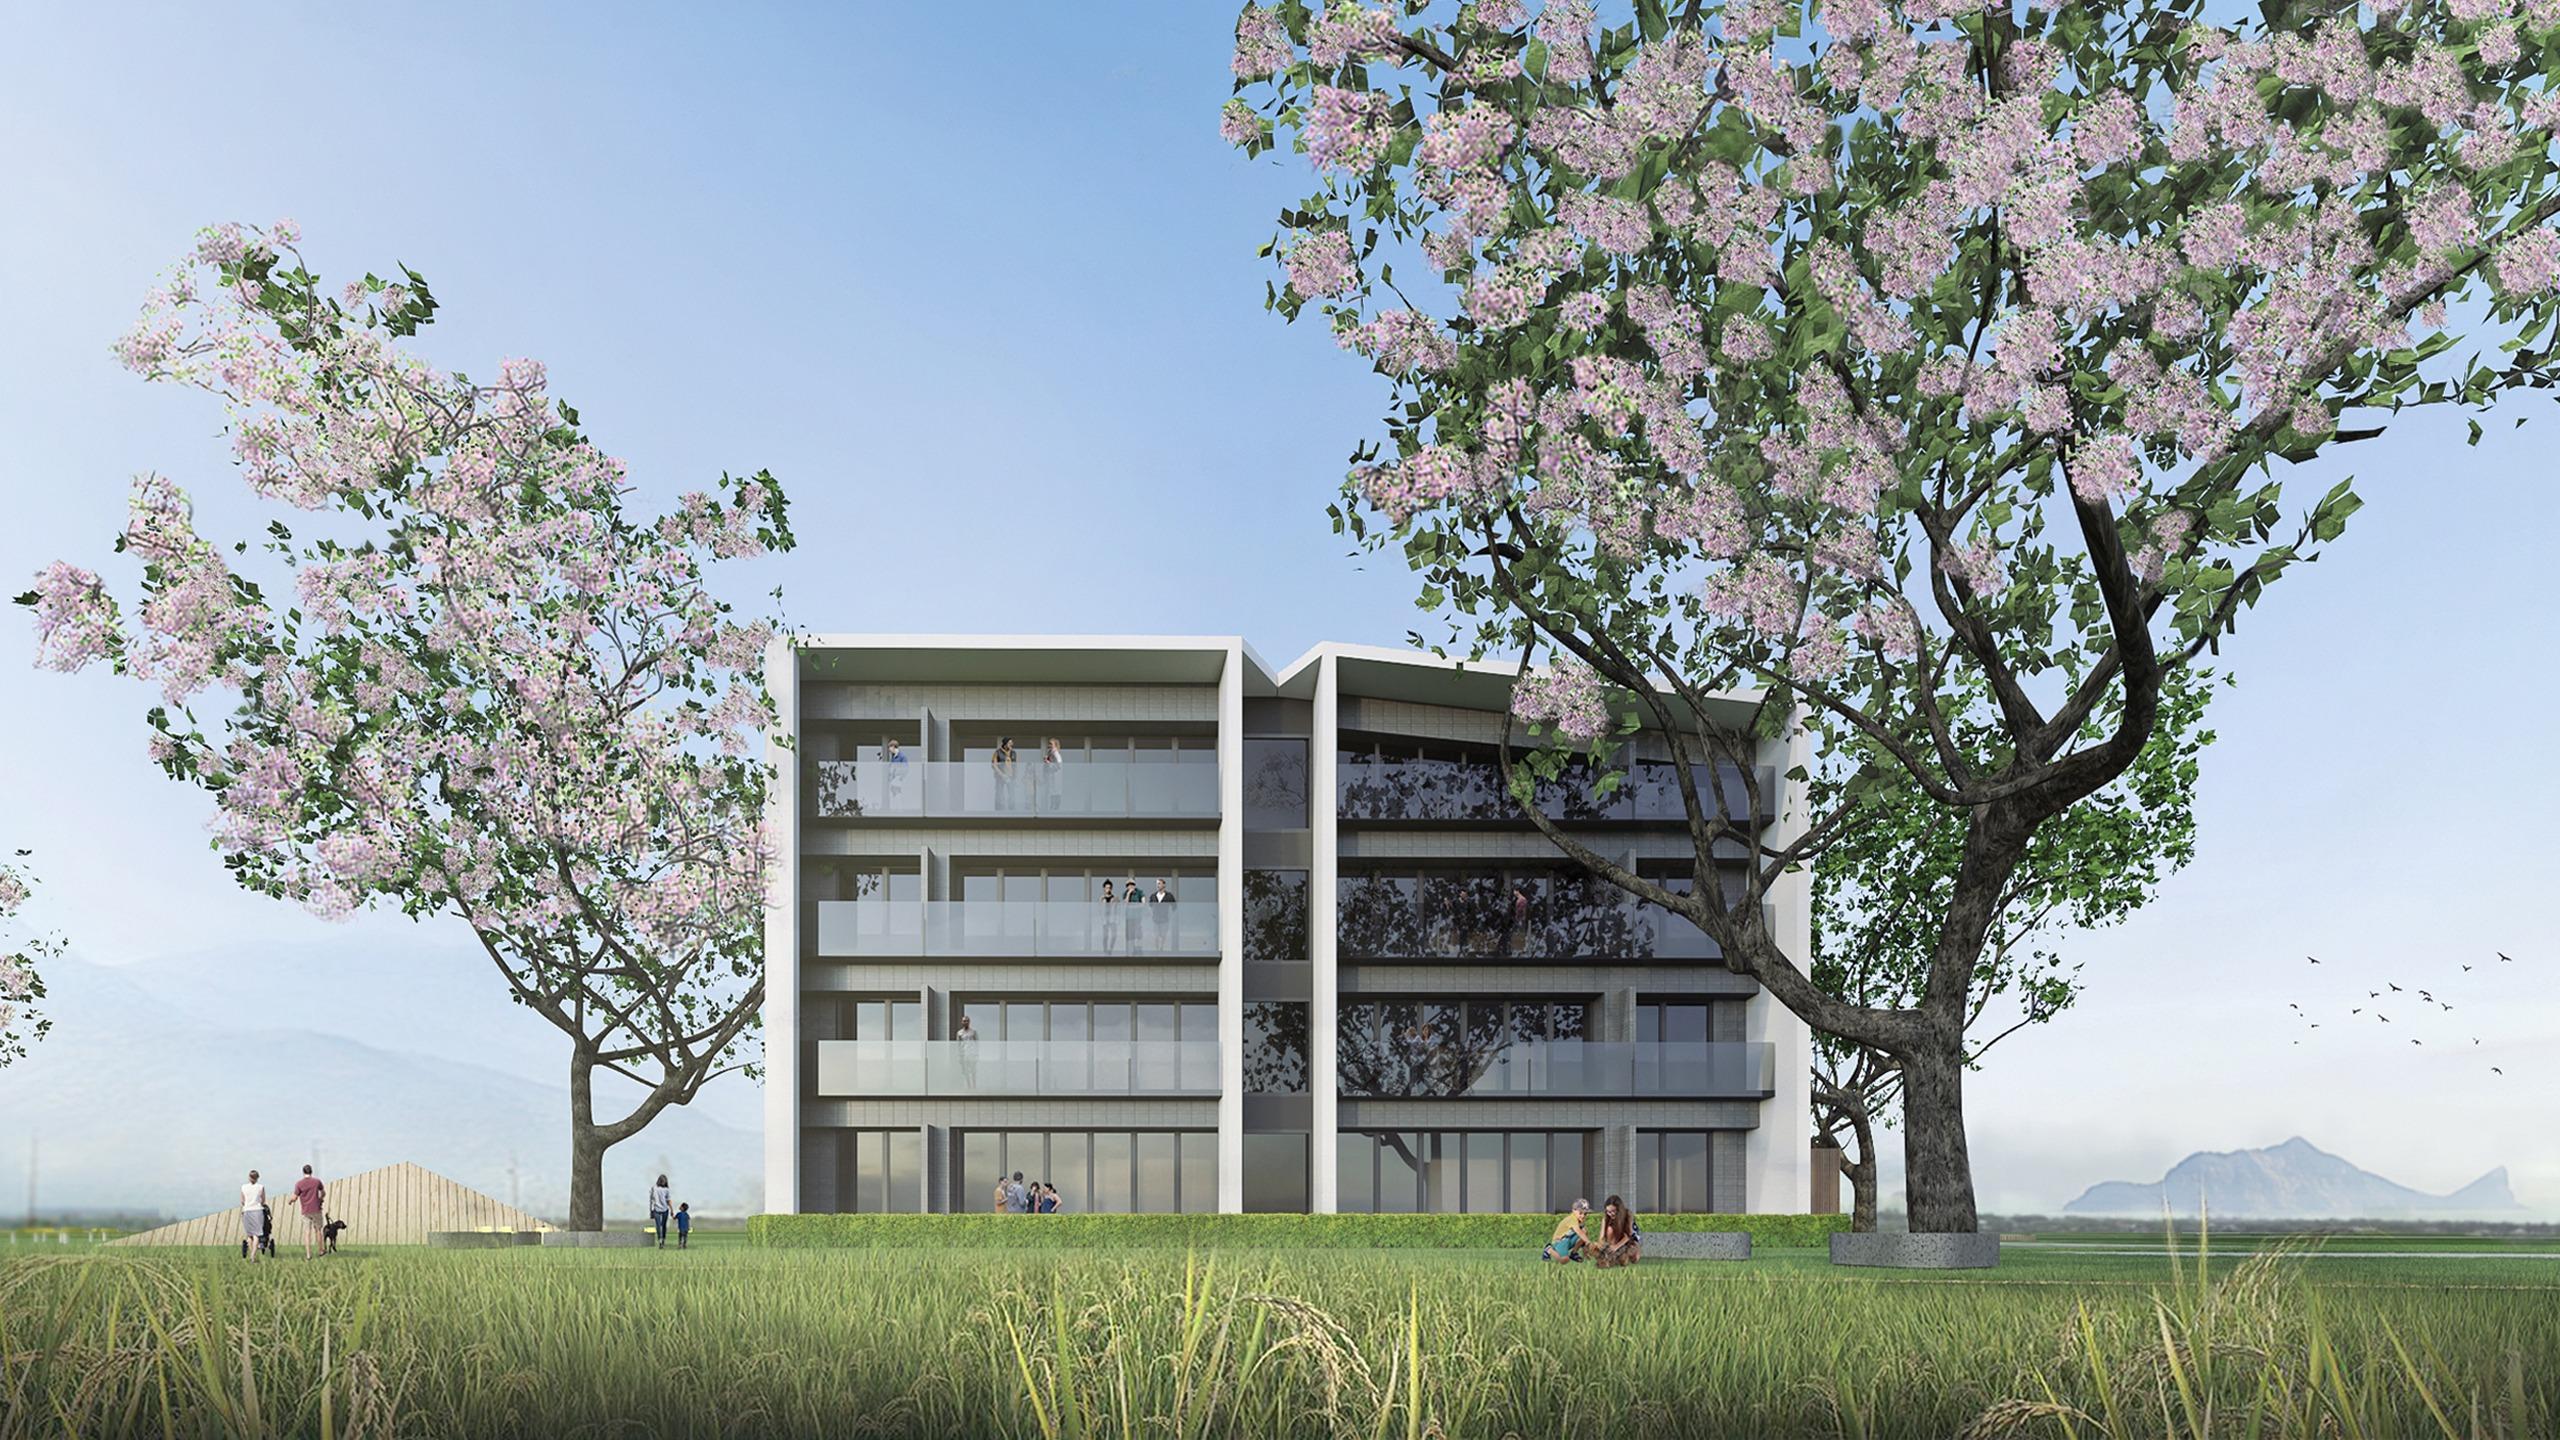 德築-DEZU-project-Zumi-architecture-3Drender